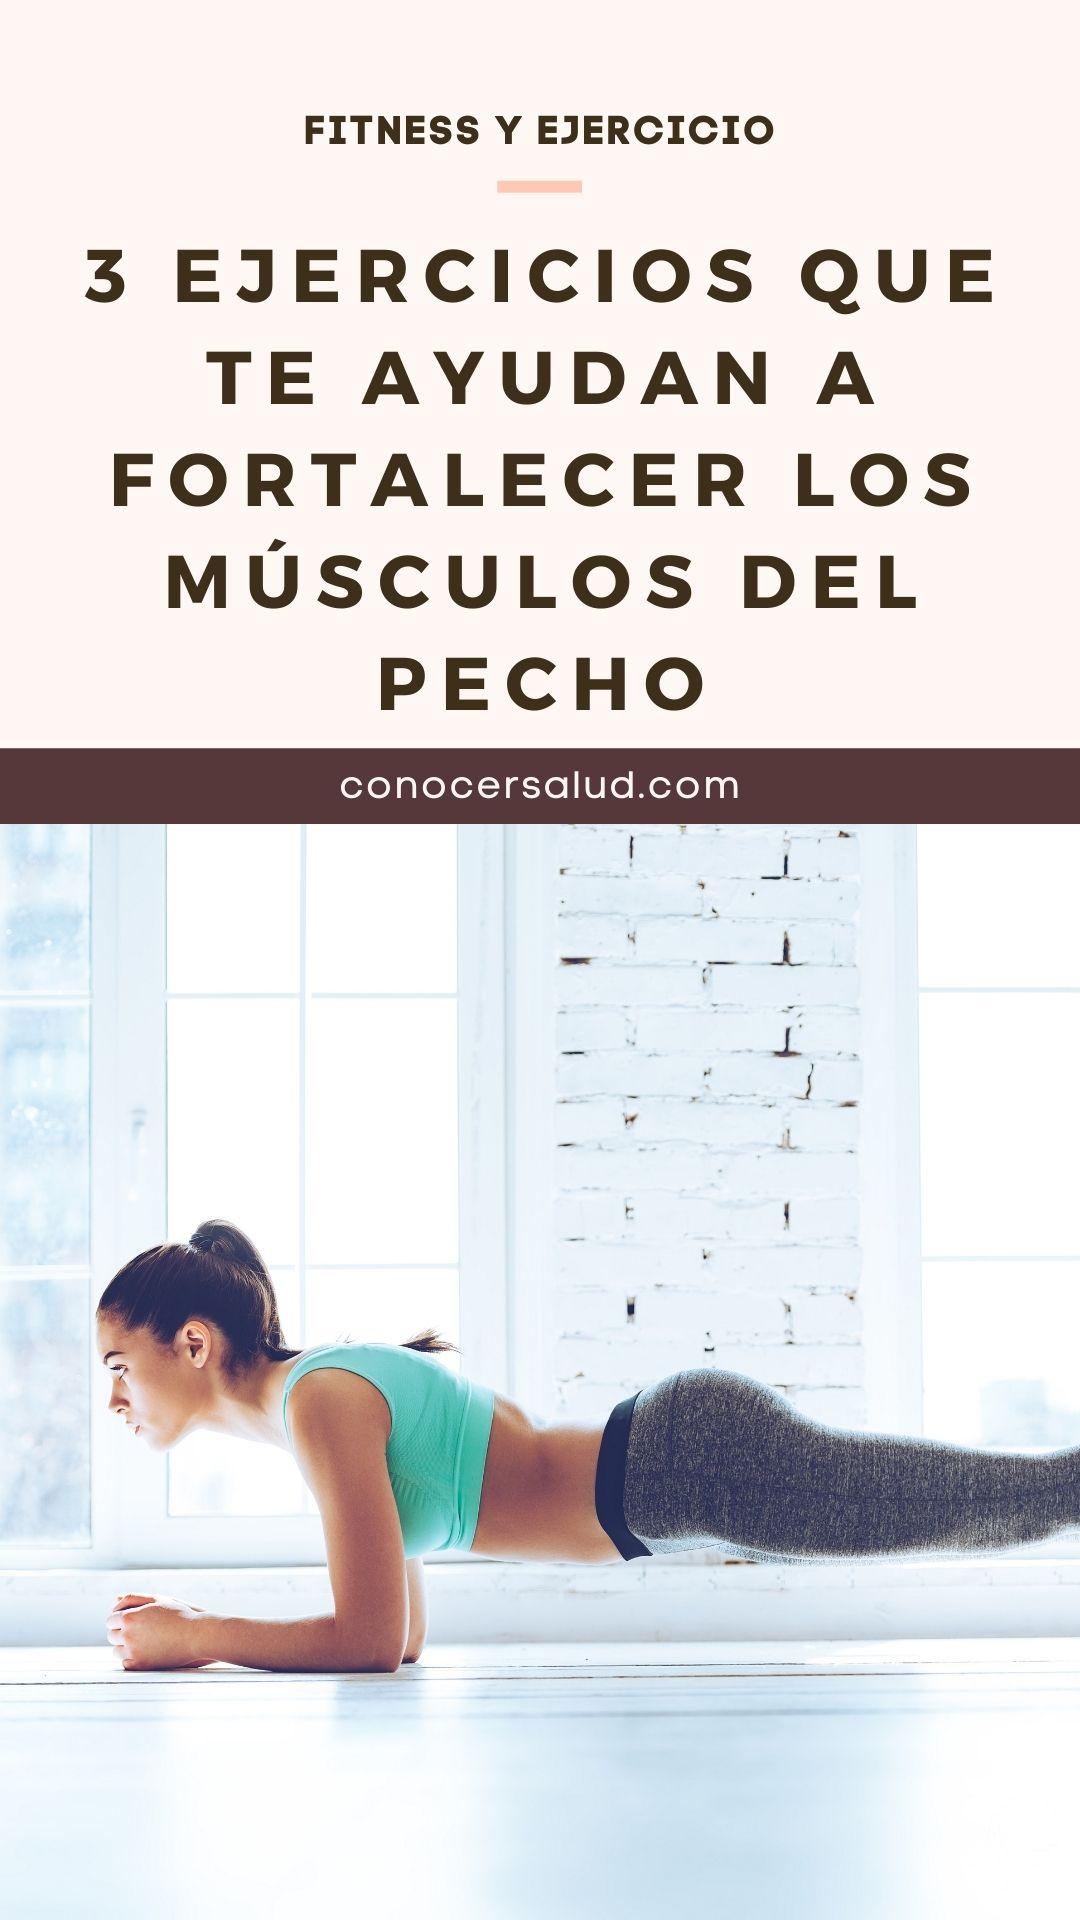 3 ejercicios que te ayudan a fortalecer los músculos del pecho